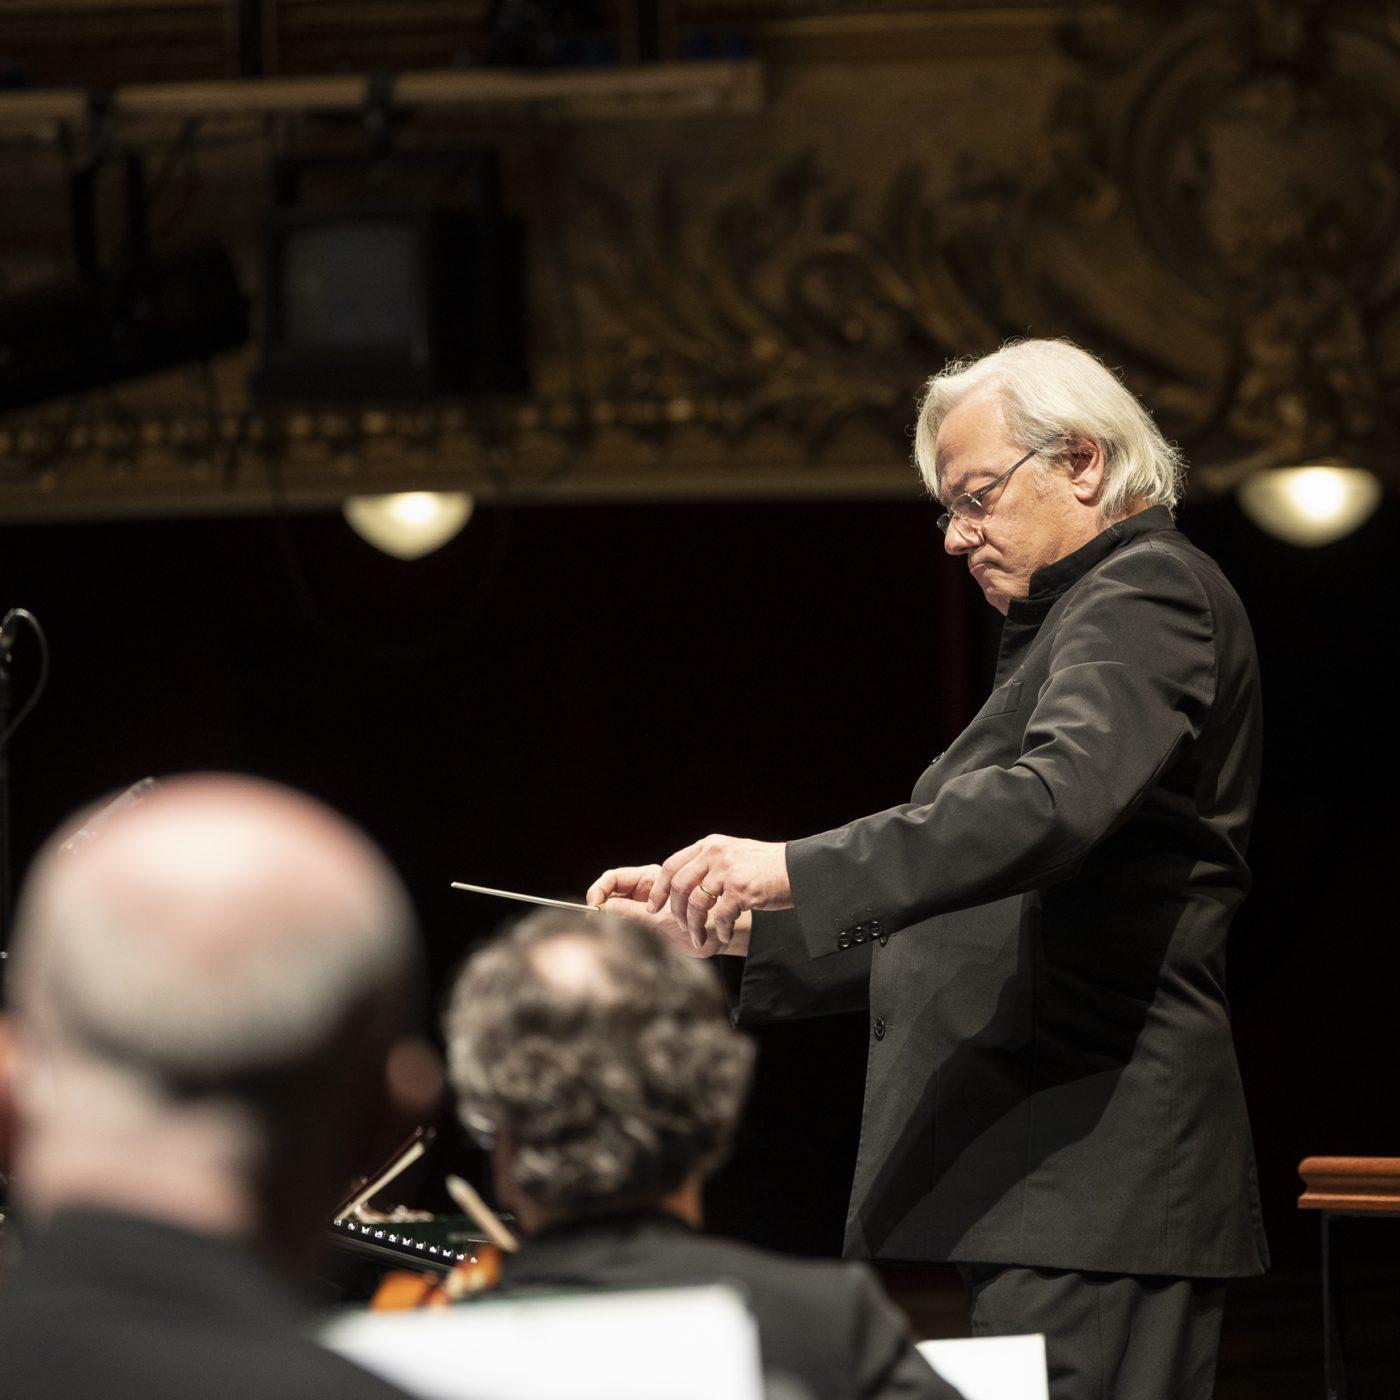 Opéra Royal de Wallonie-Liège, Orchestre de MOZART - SCHUBERT - TCHAÏKOVSKI